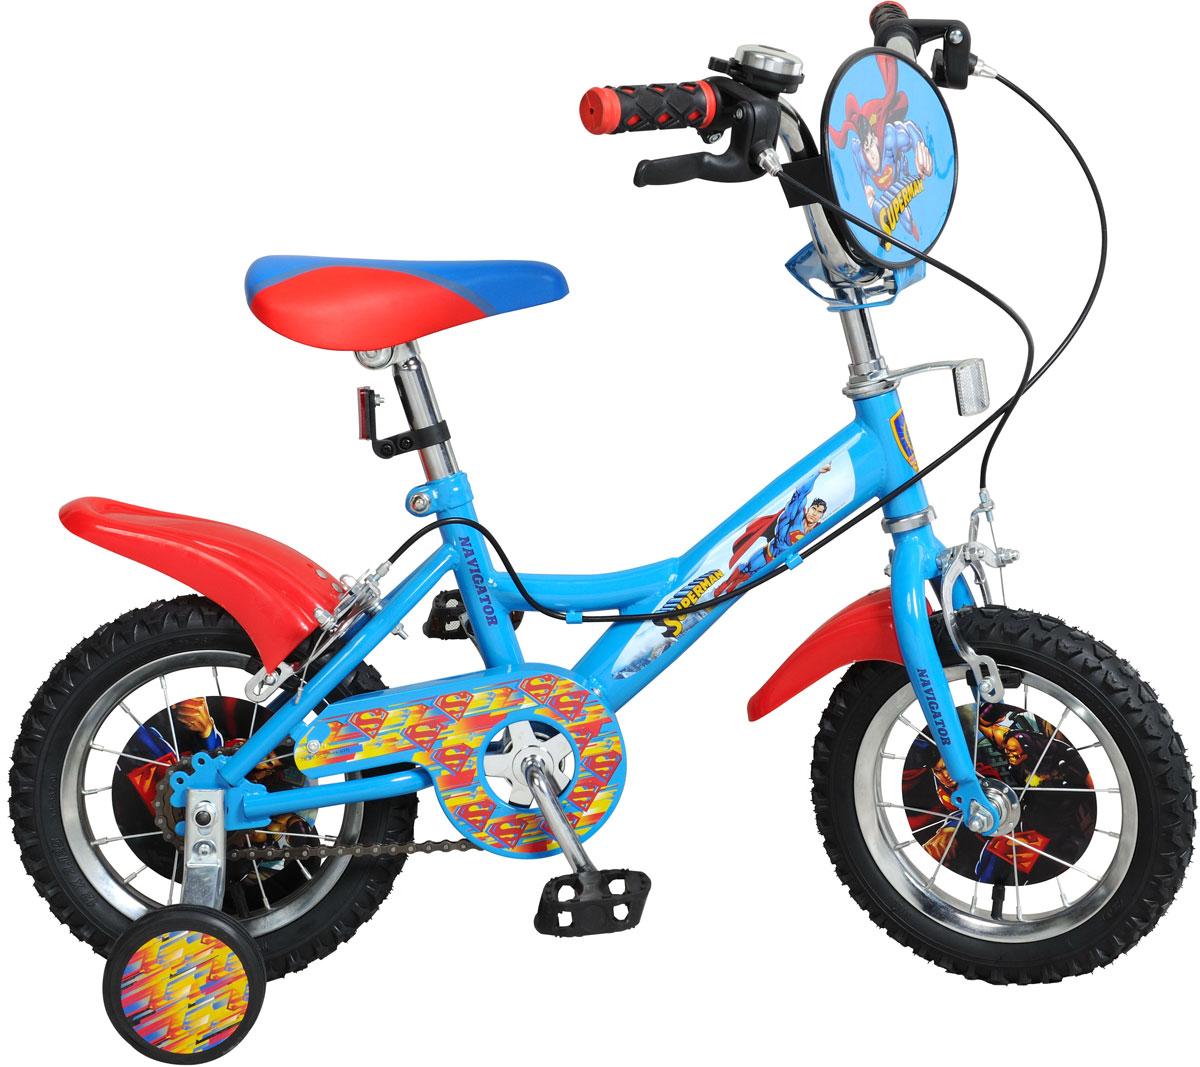 Велосипед детский Navigator Superman, цвет: синий. ВН12100 велосипед двухколесный navigator superman 16